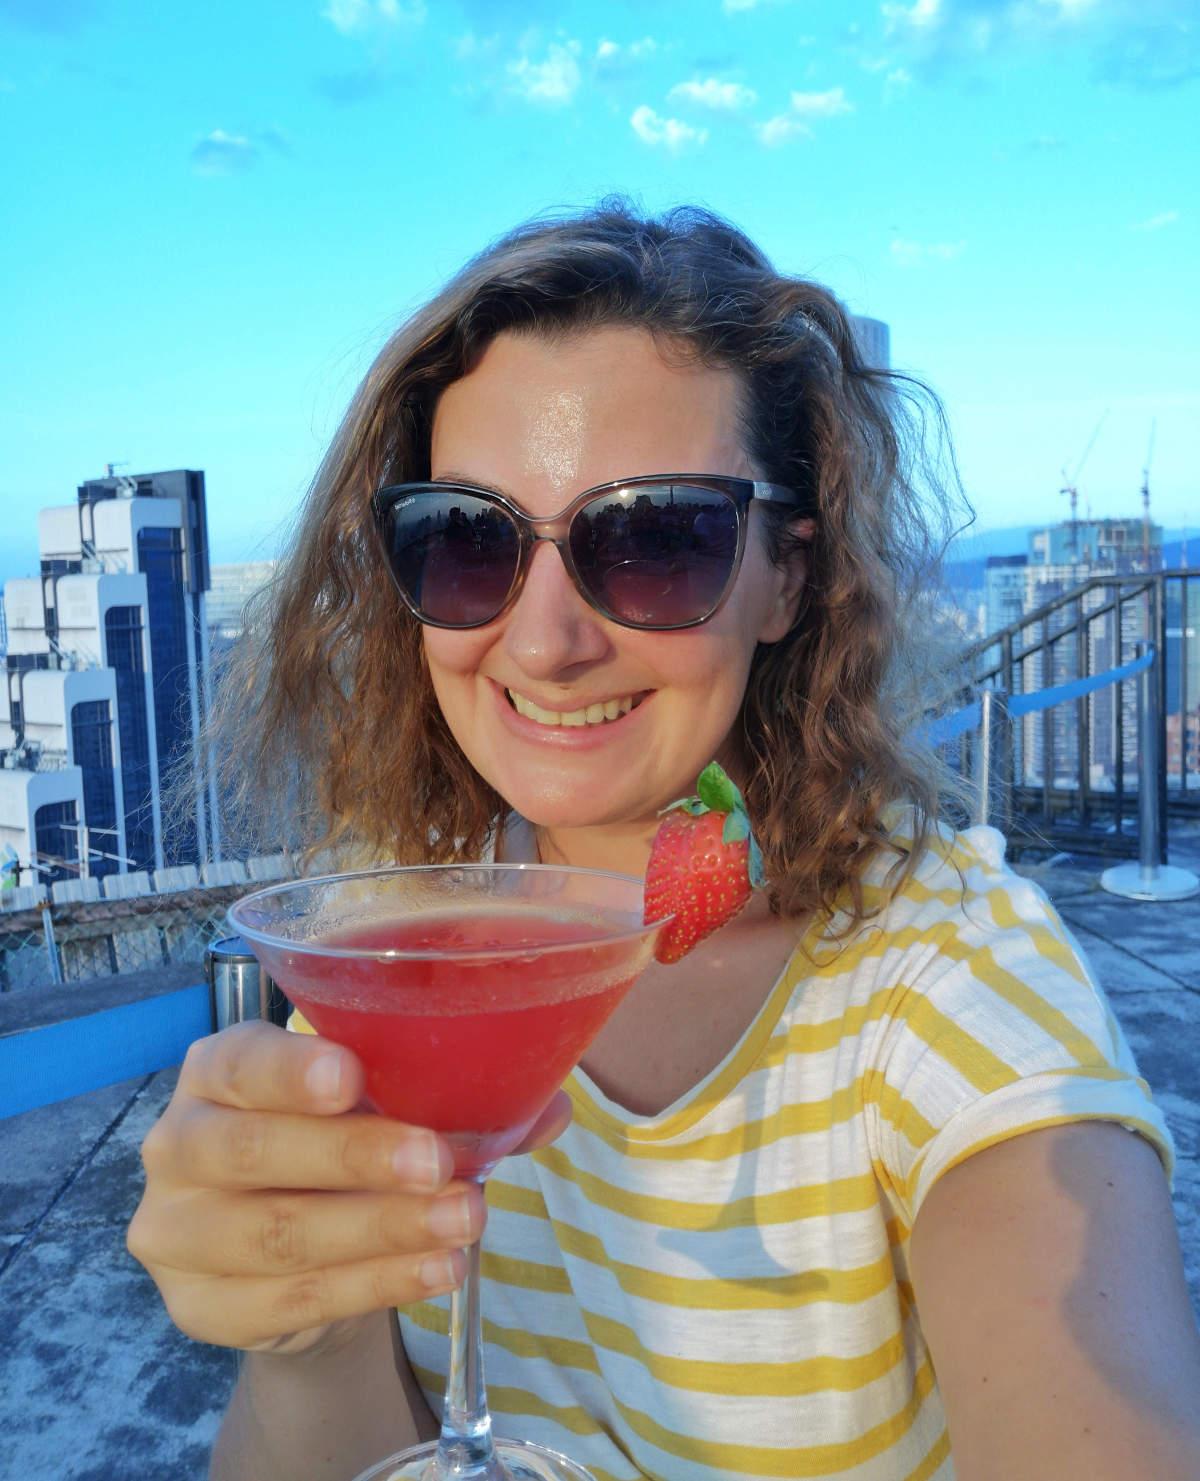 Ich genieße eine Strawberry Margarita zum Happy Hour Preis auf der Heli Lounge Bar in Kuala Lumpur, einer Cocktailbar auf einem Helikopter Landeplatz. Wanderhunger